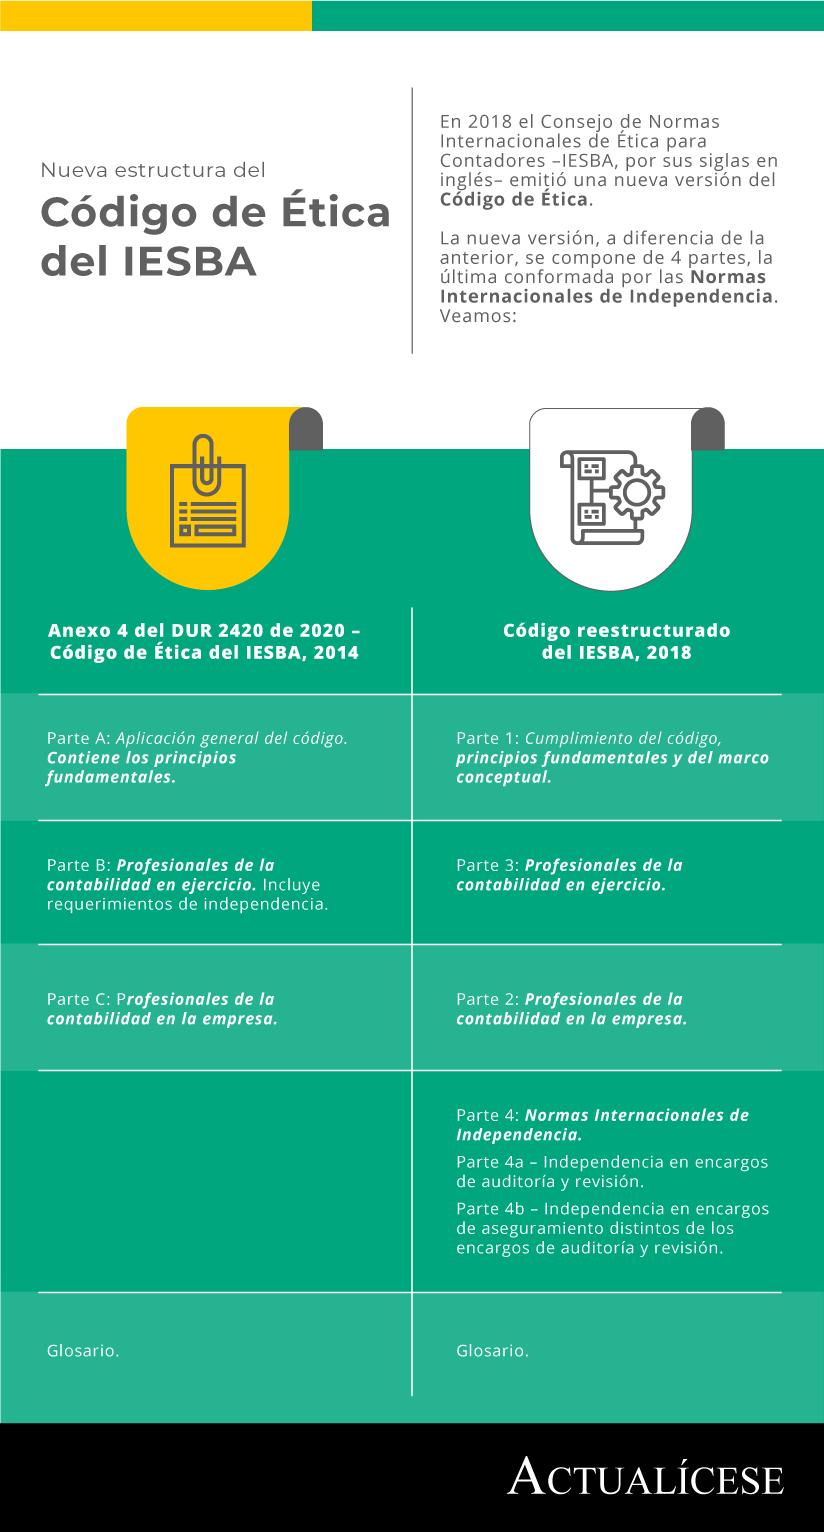 Código de Ética del IESBA reestructurado sería incorporado en Colombia